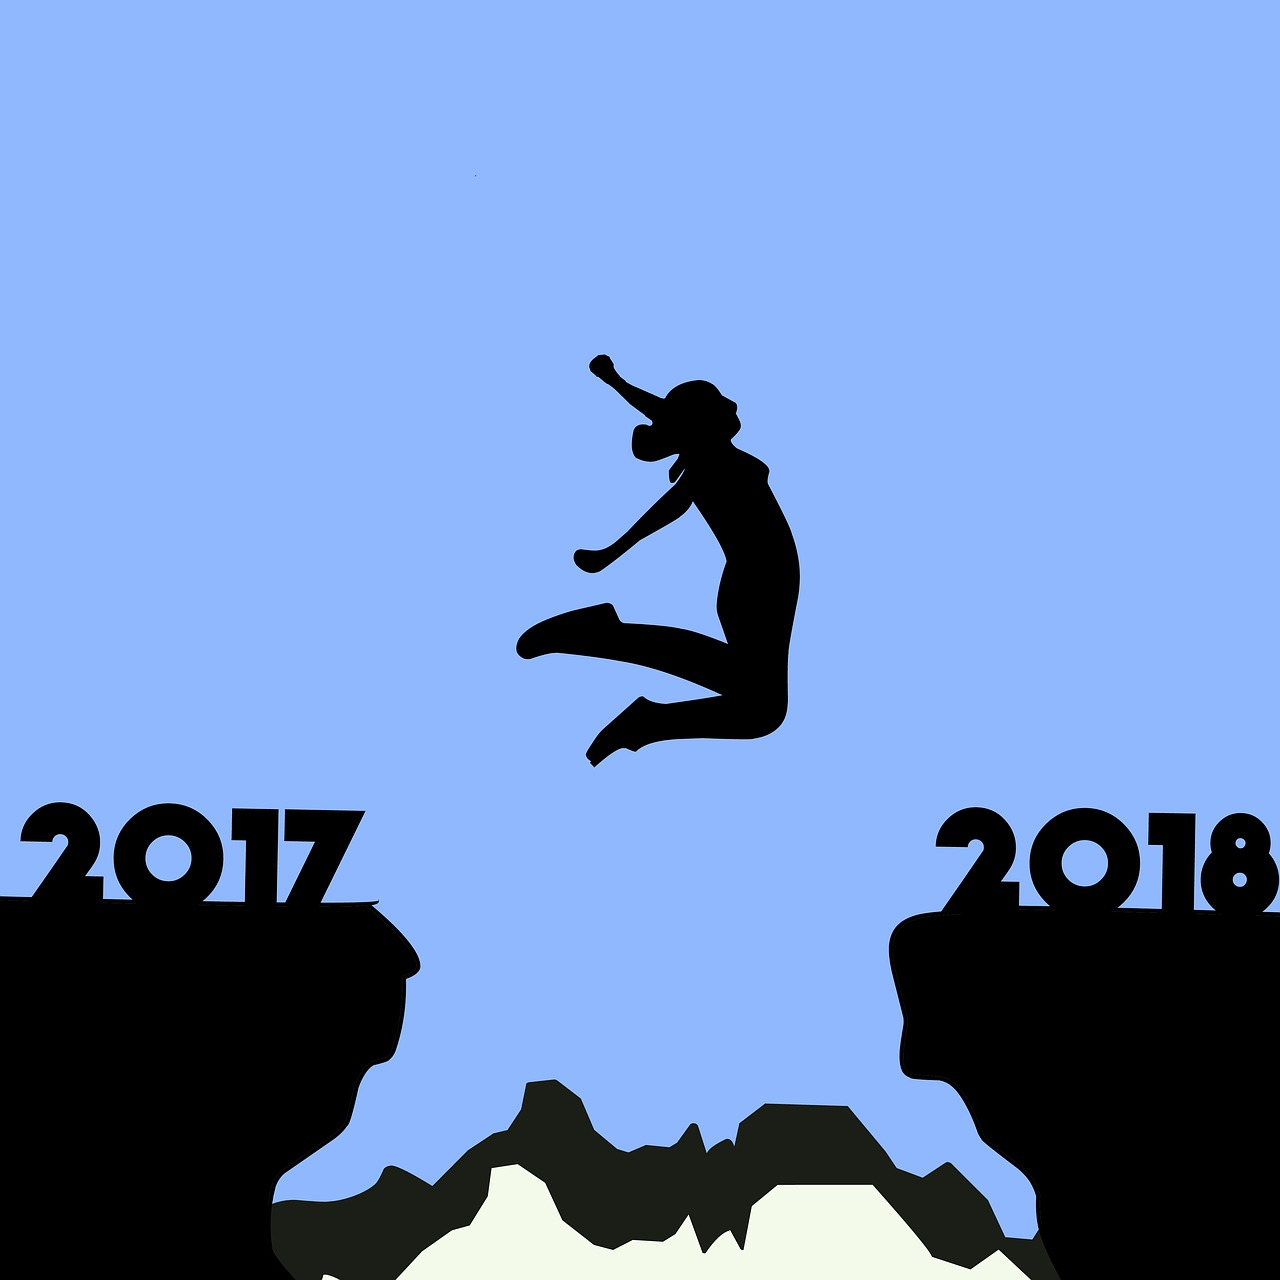 2017 φεύγει, 2018 έρχεται